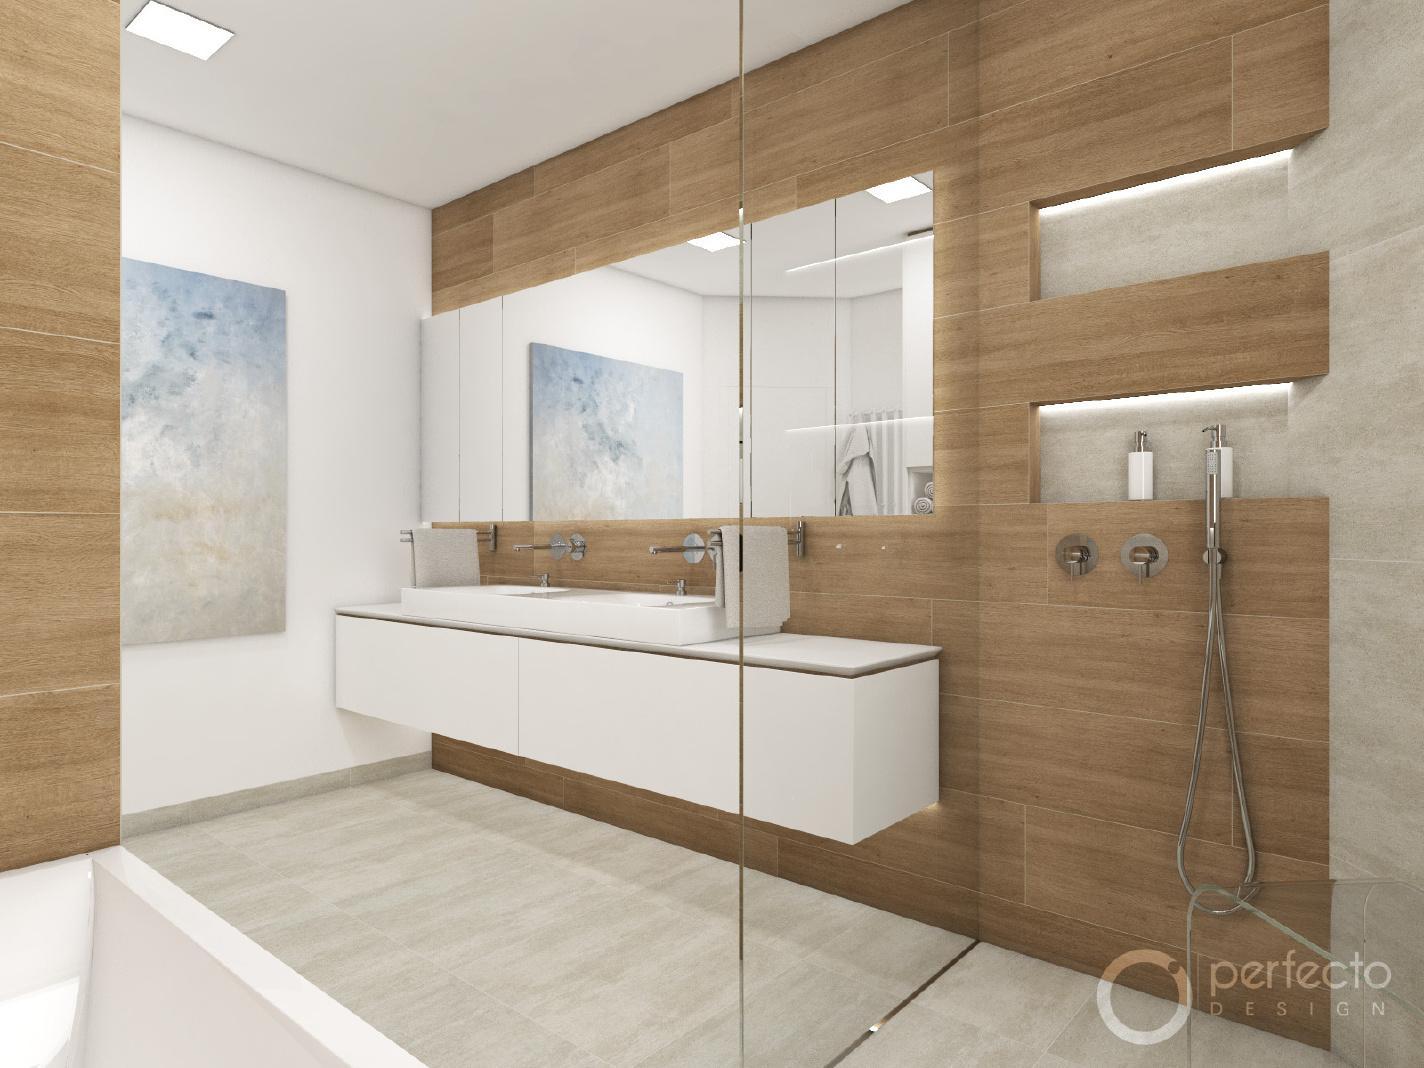 Zimmer unterm dach einrichten for Badezimmereinrichtungen ideen